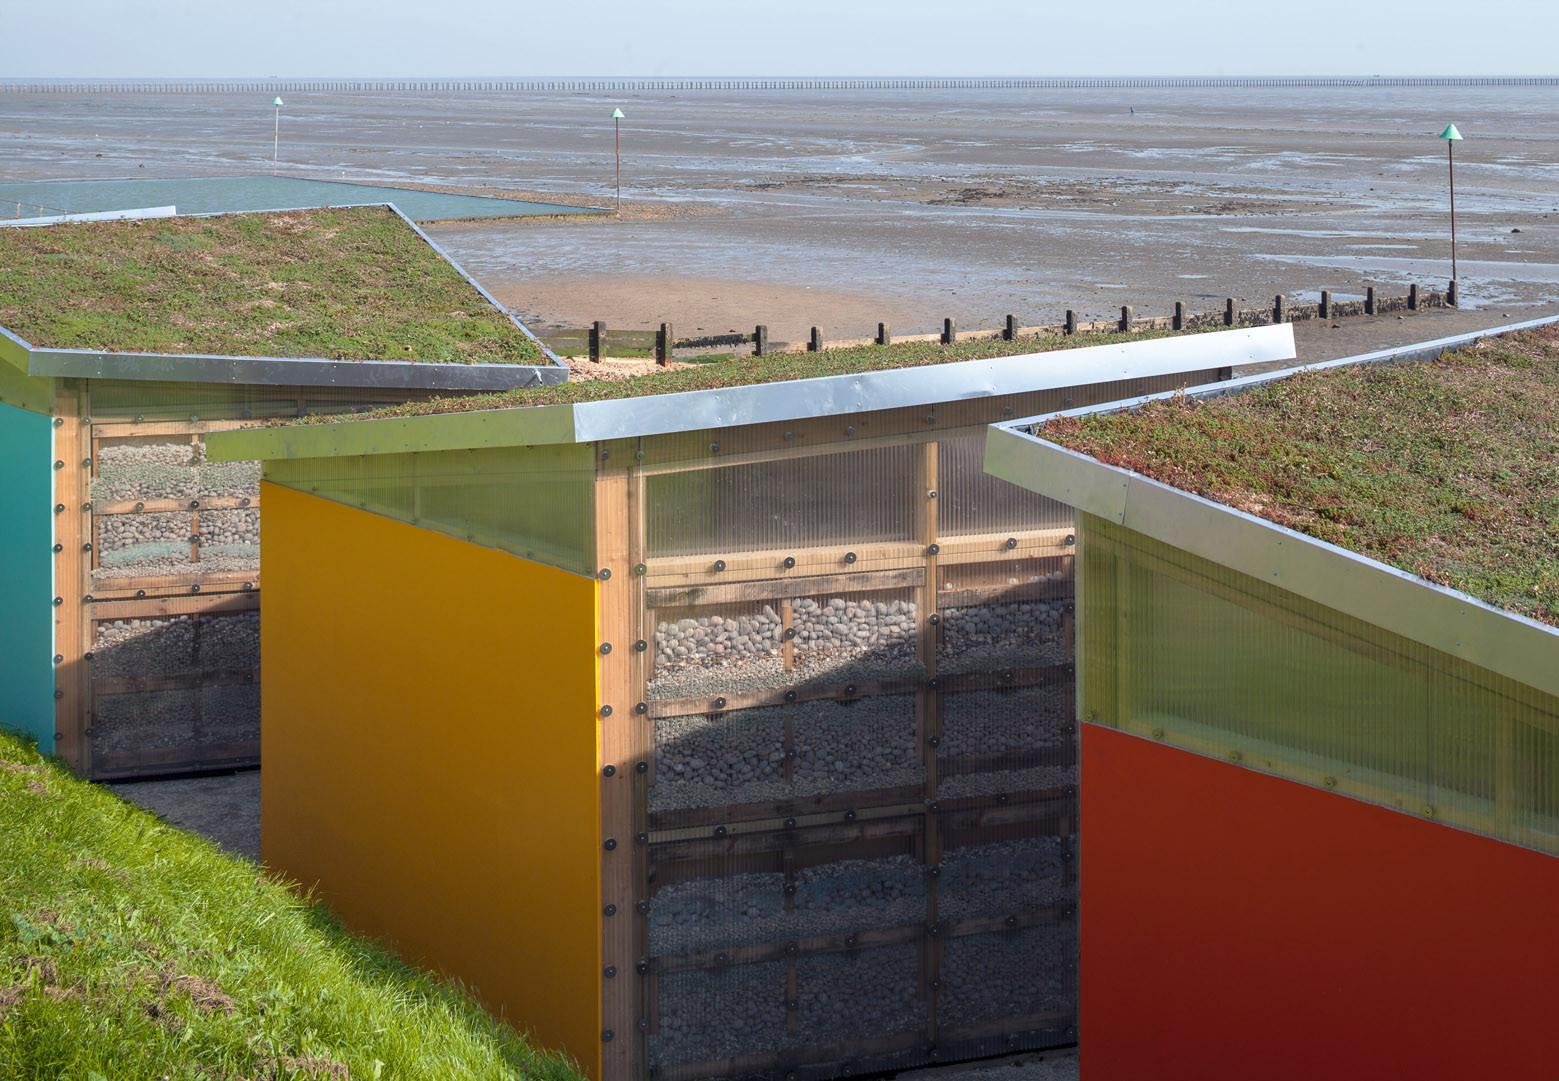 Galer a de nuevas casetas de playa pedder scampton 14 for Casetas de plastico para jardin